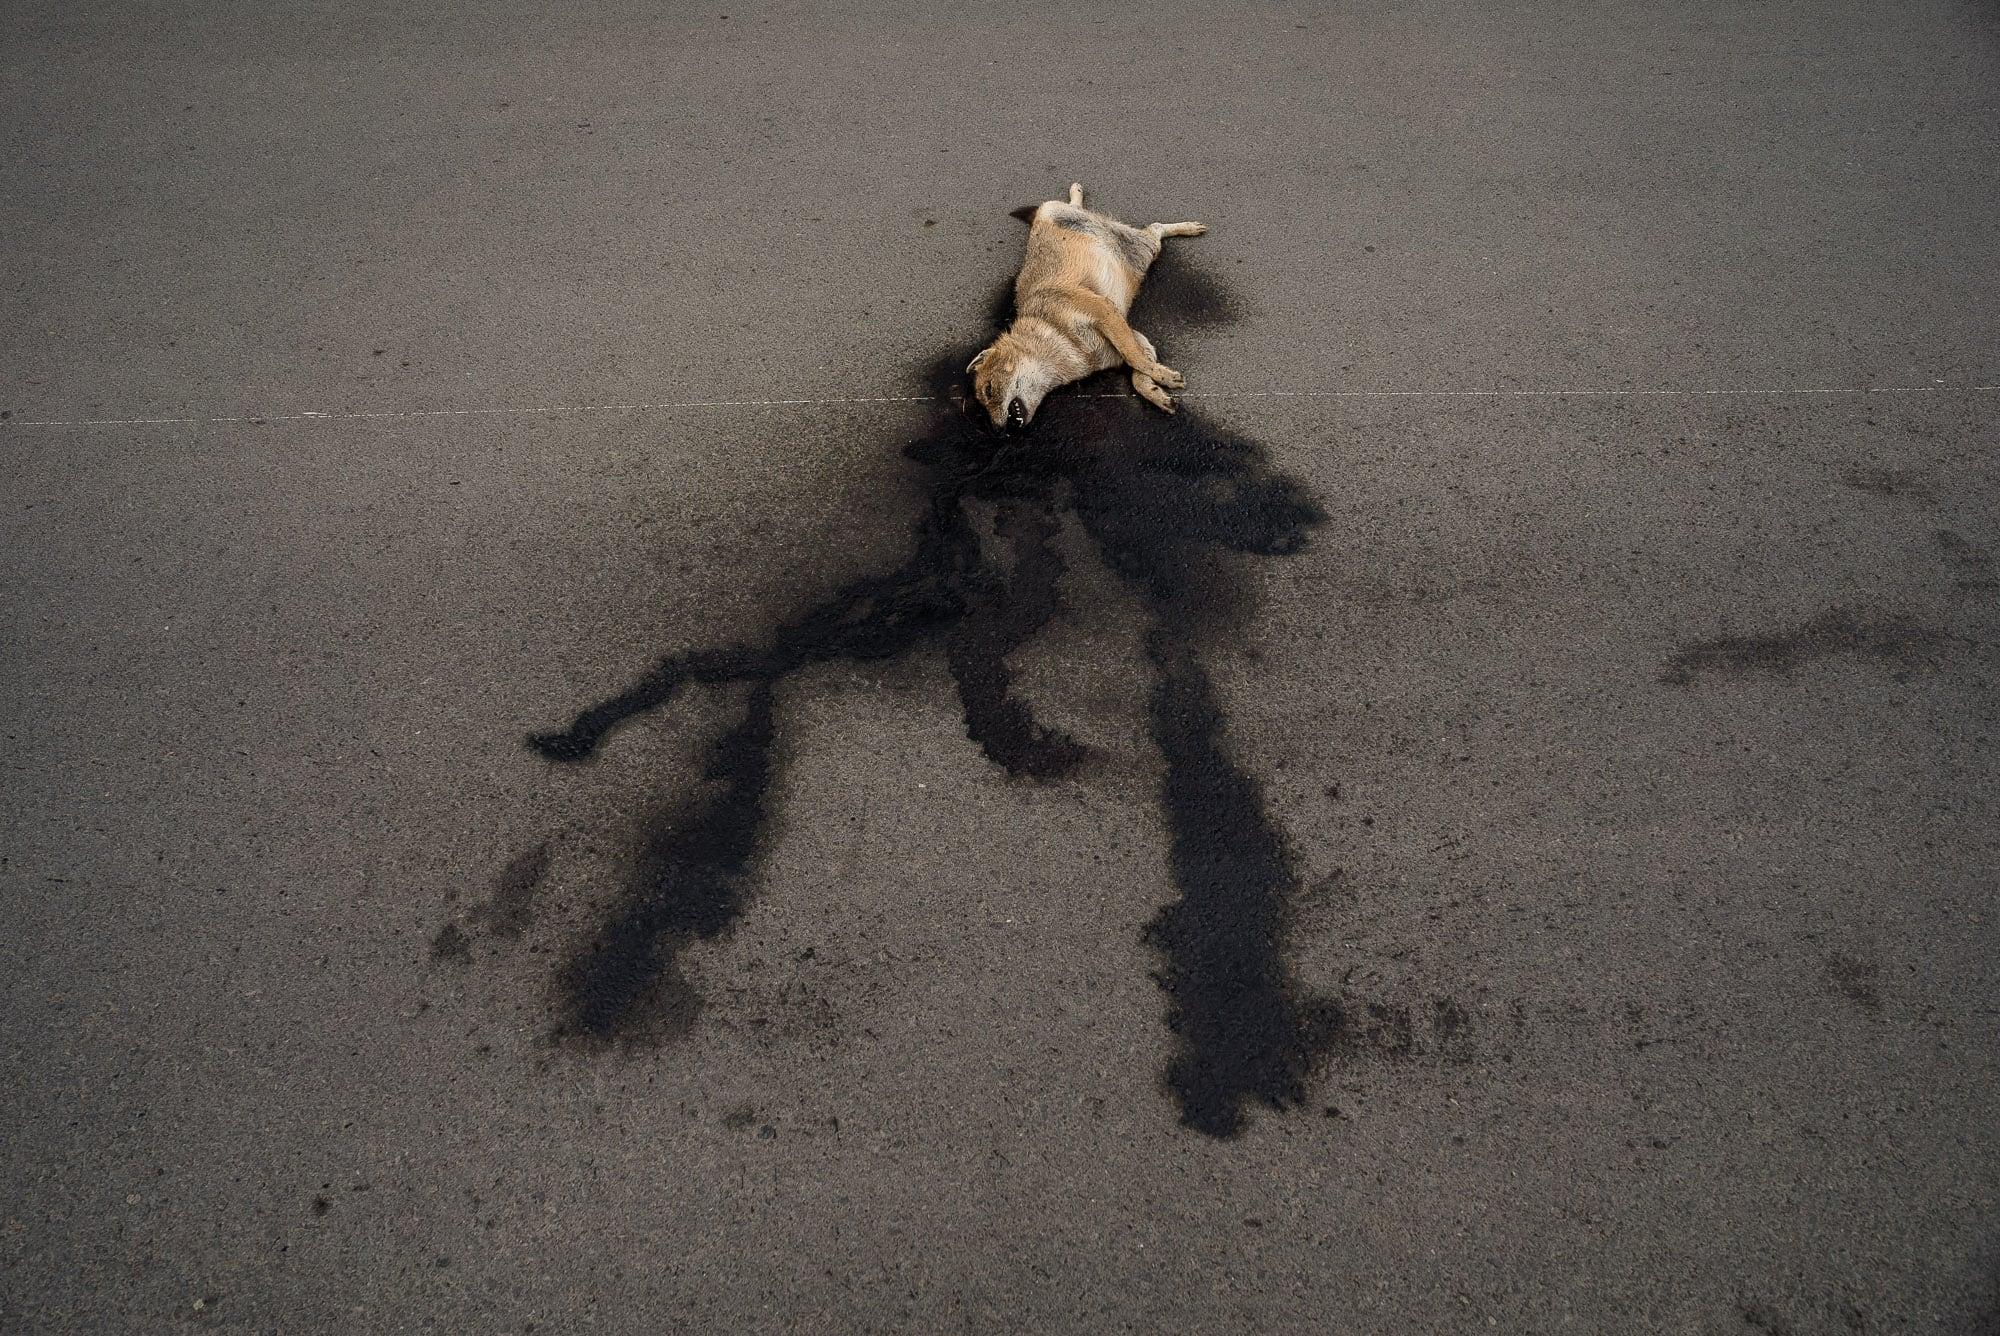 dead dog or jackal?